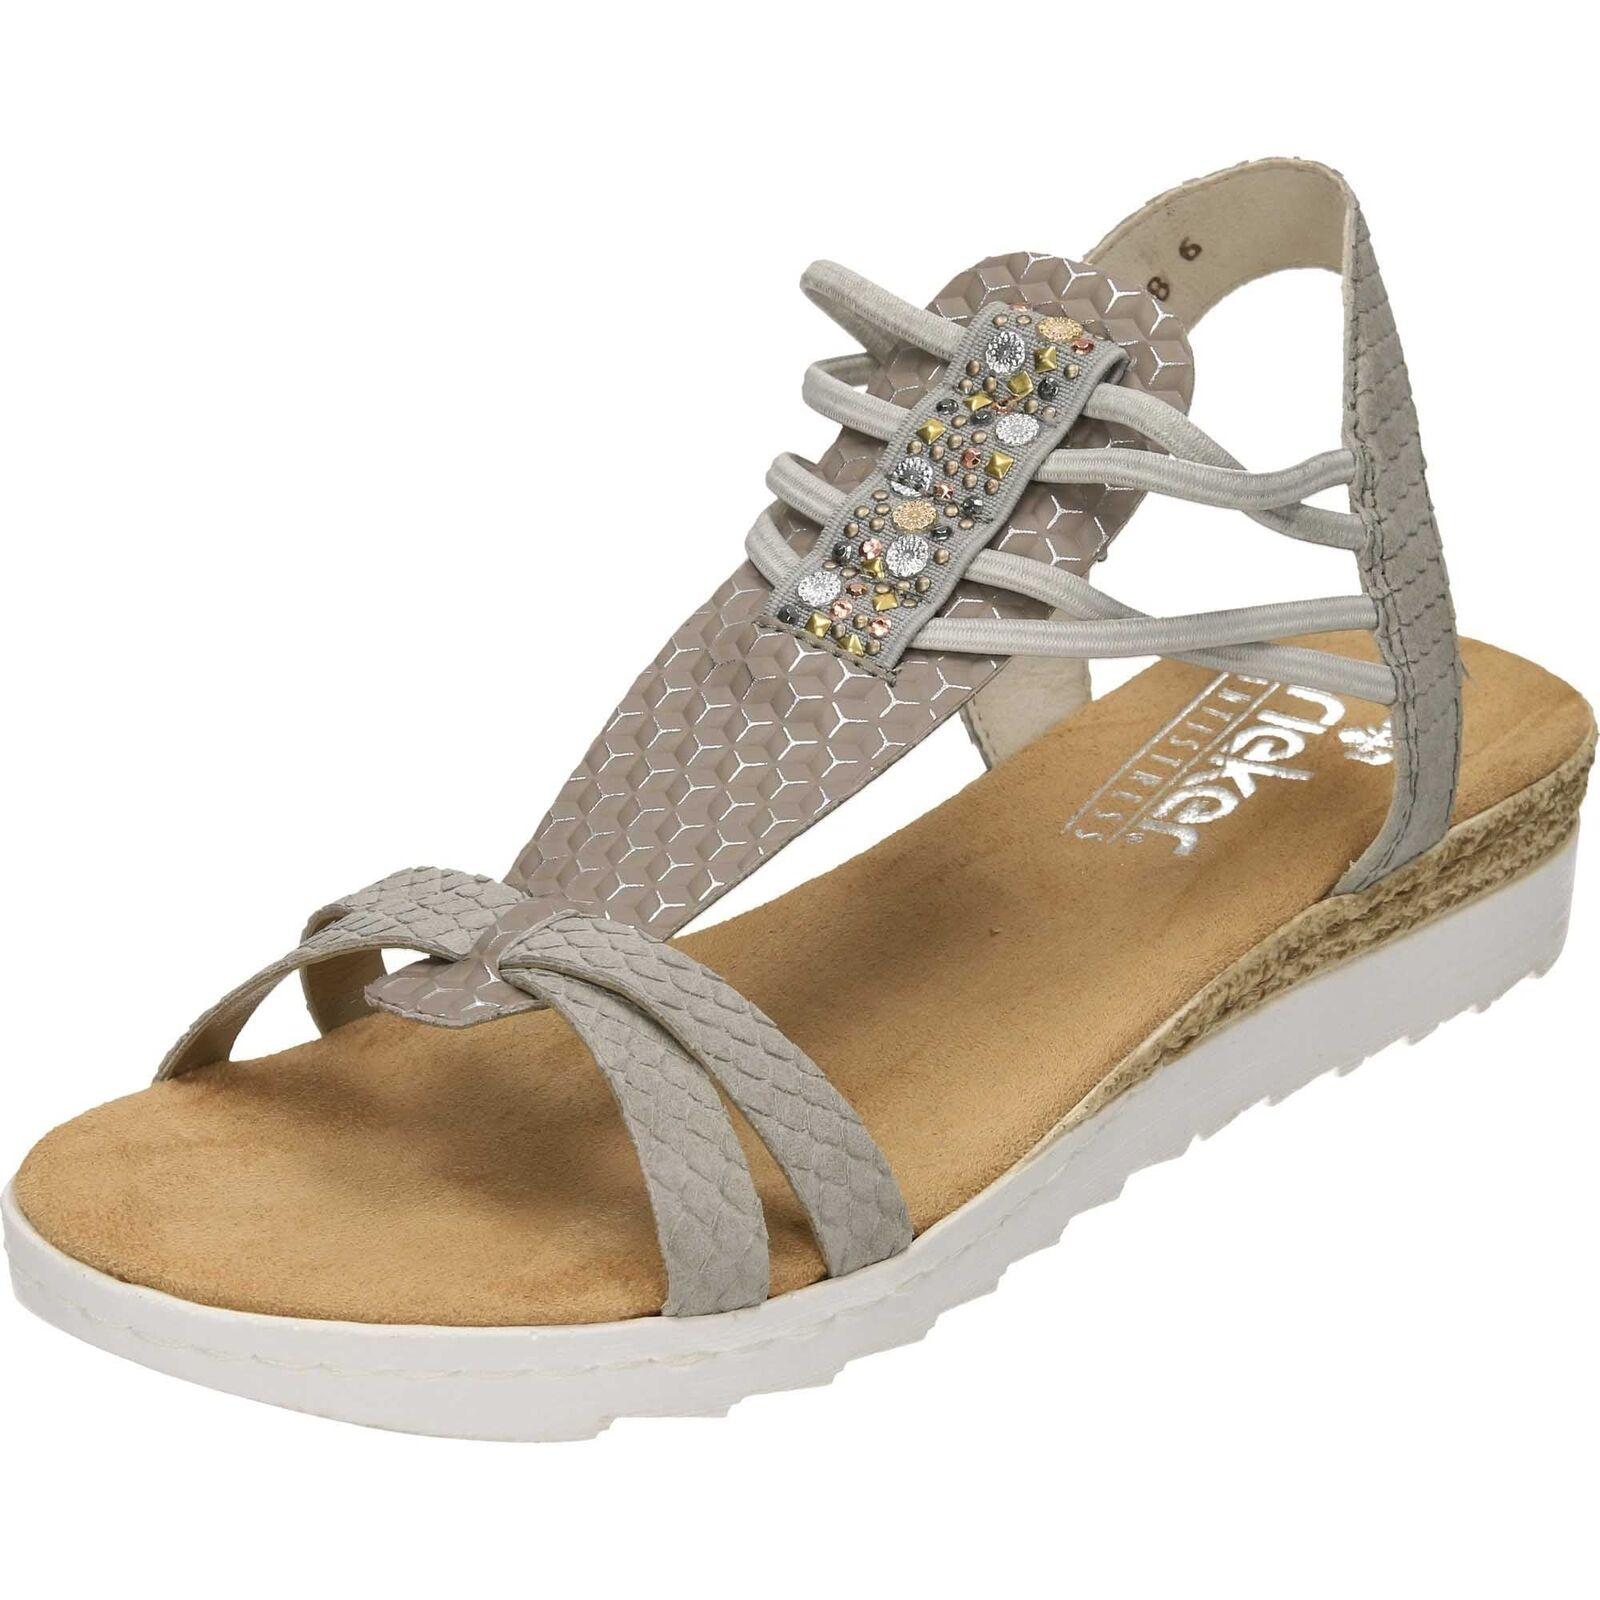 Rieker Charol Sandalias De Cuña de 63029-42 Elástico Zapatos Planos Verano Puntera abierta